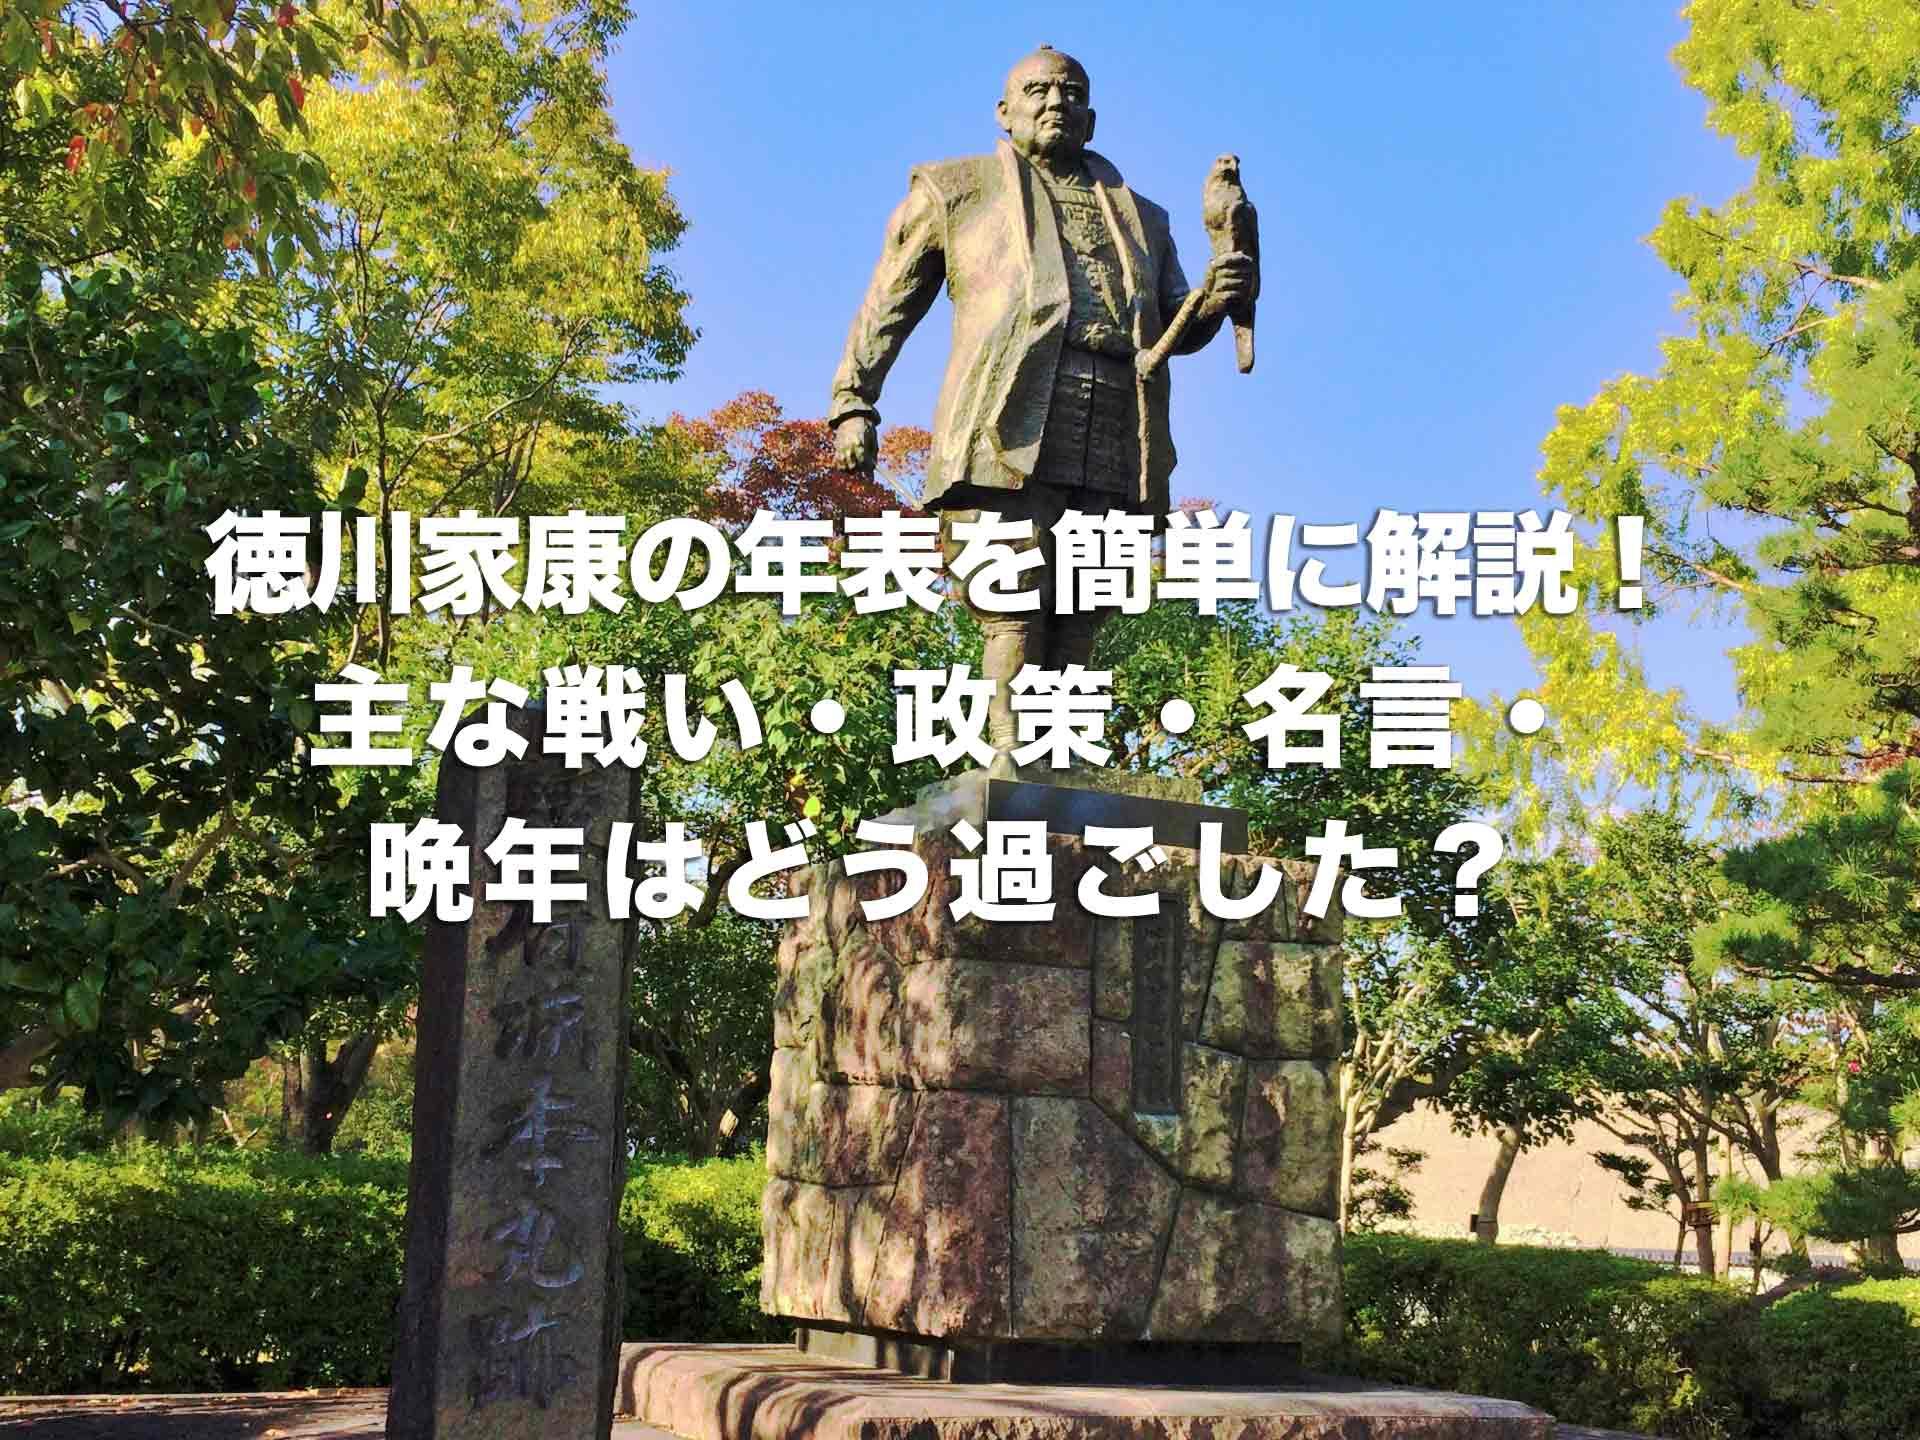 徳川家康の年表を簡単に解説!主な戦い・政策・名言・晩年はどう過ごした?